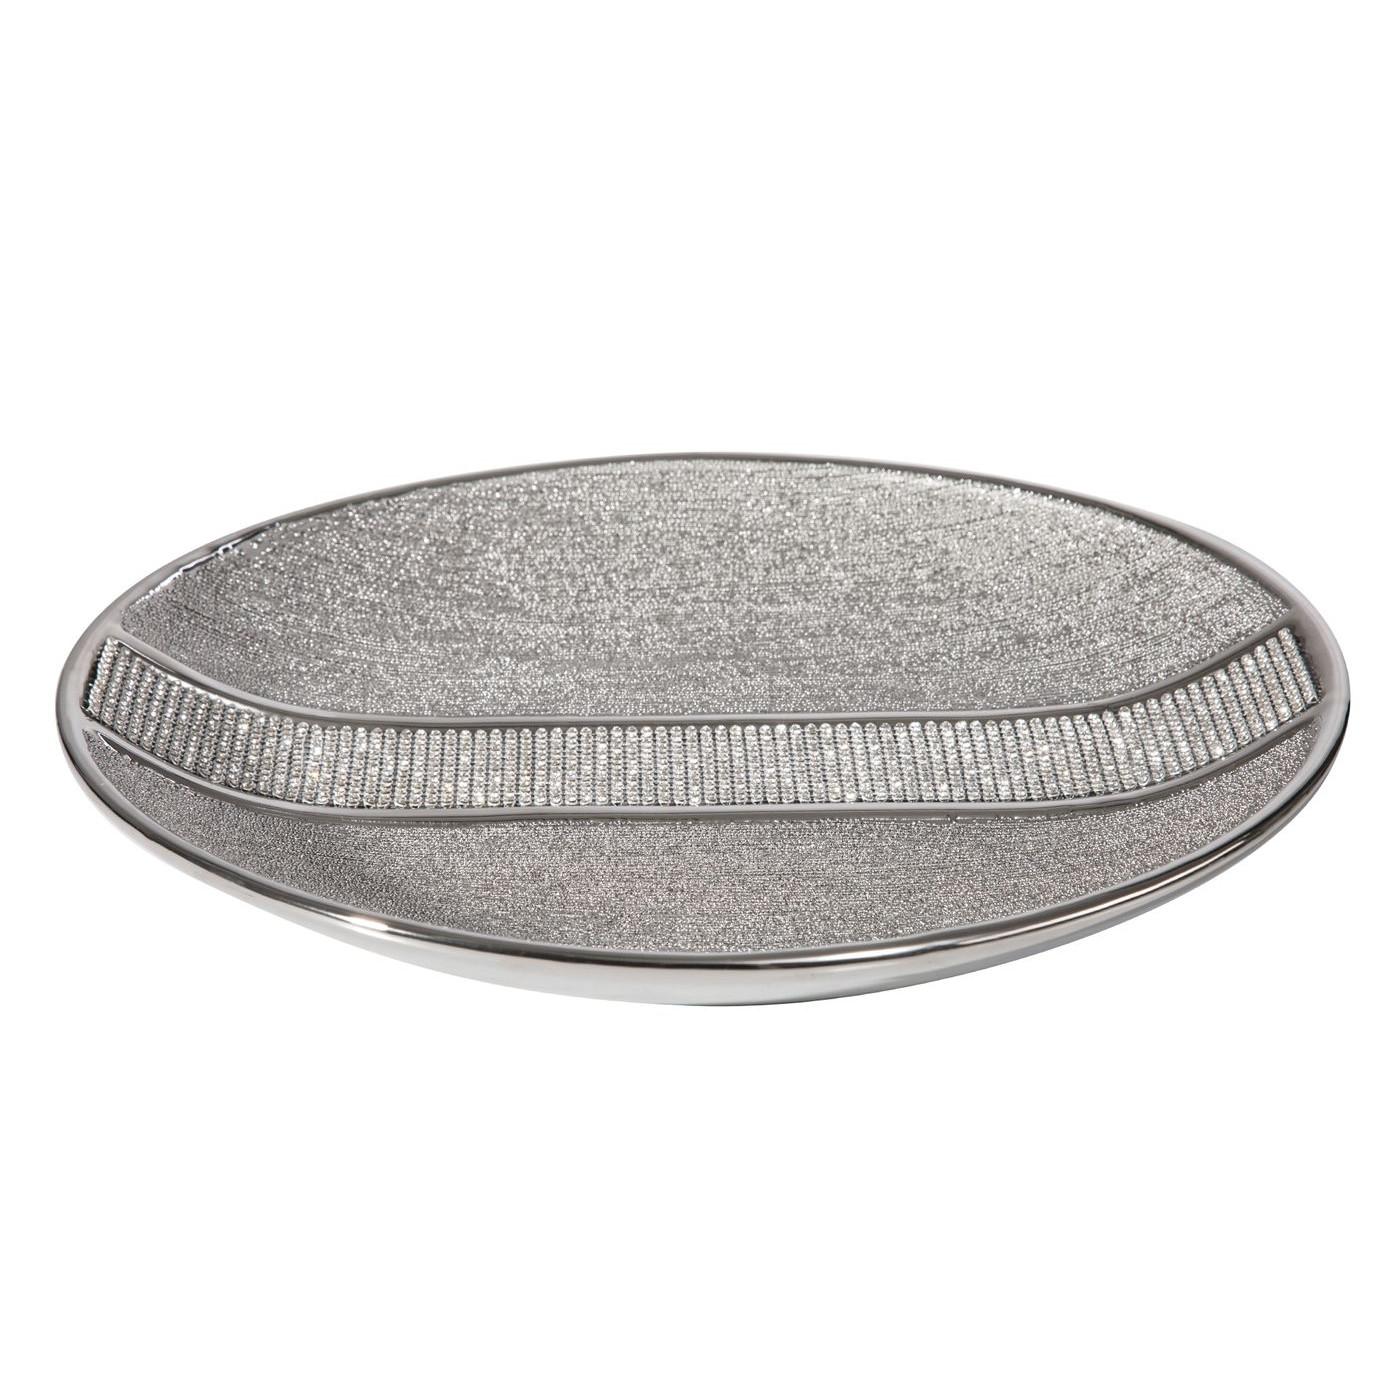 Patera ceramiczna z pasem kryształów 30 cm